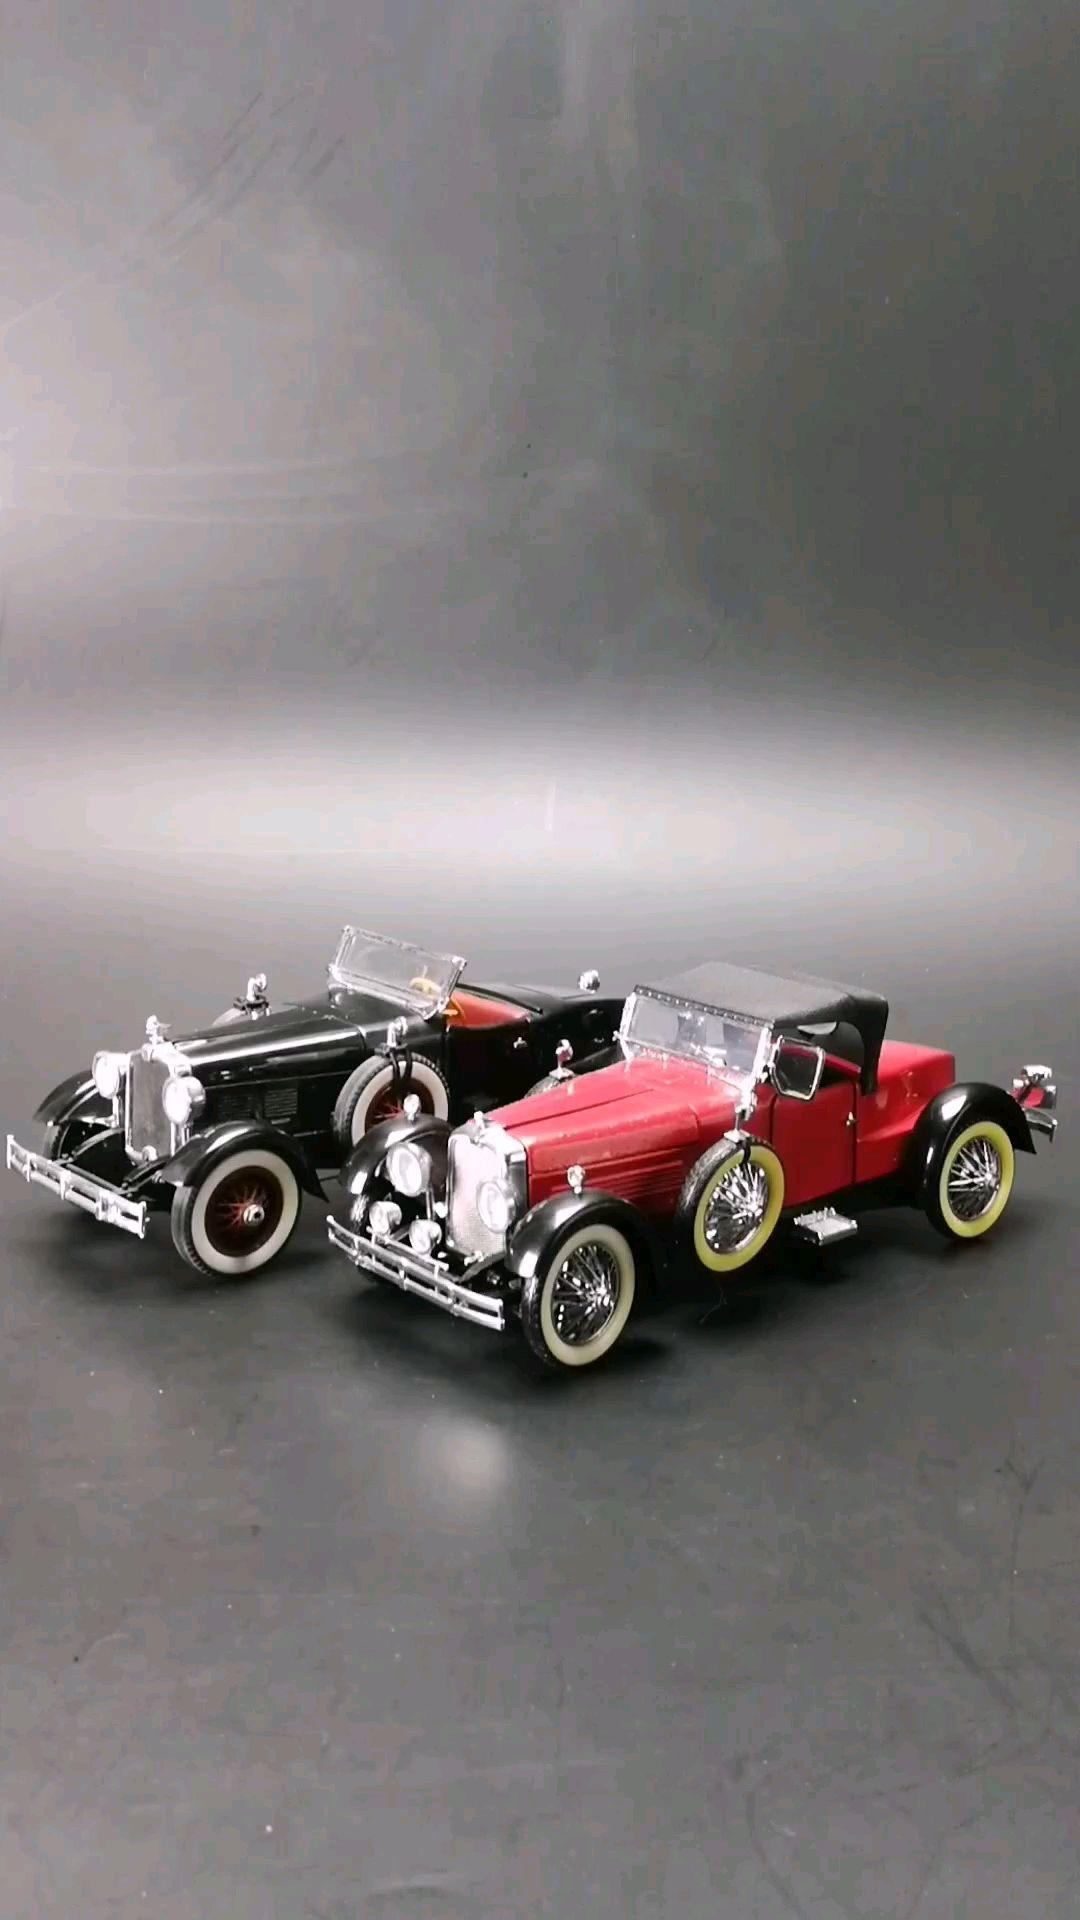 1927~28美国斯图茨船尾跑车,1:24比例,东晓汽车模型收藏馆藏品。